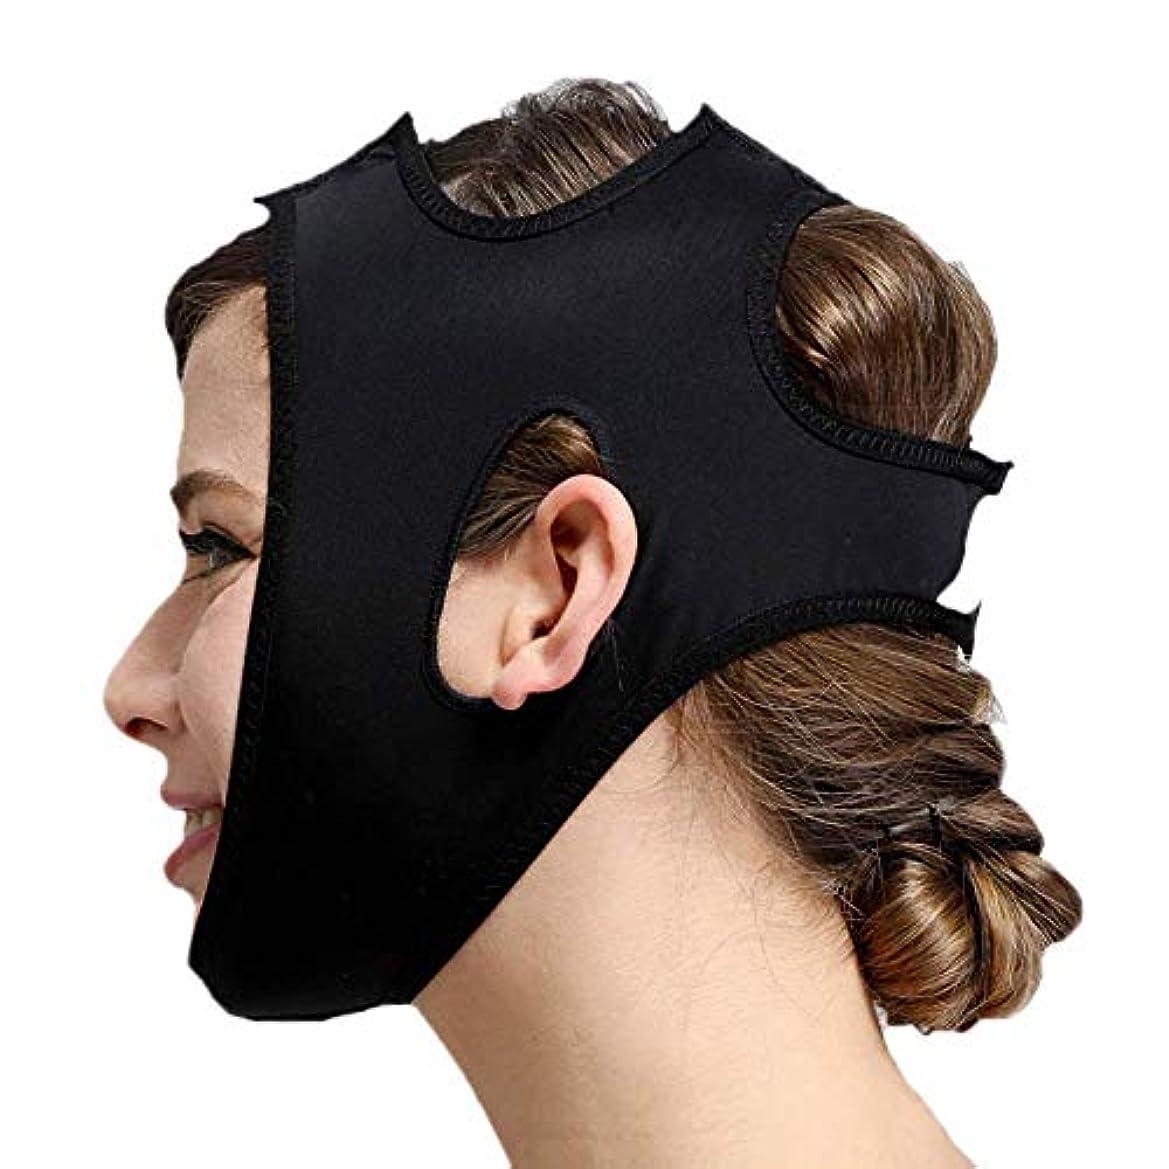 限定野ウサギ必要とするフェイススリミングマスク、快適さと通気性、フェイシャルリフティング、輪郭の改善された硬さ、ファーミングとリフティングフェイス(カラー:ブラック、サイズ:XL),黒、L